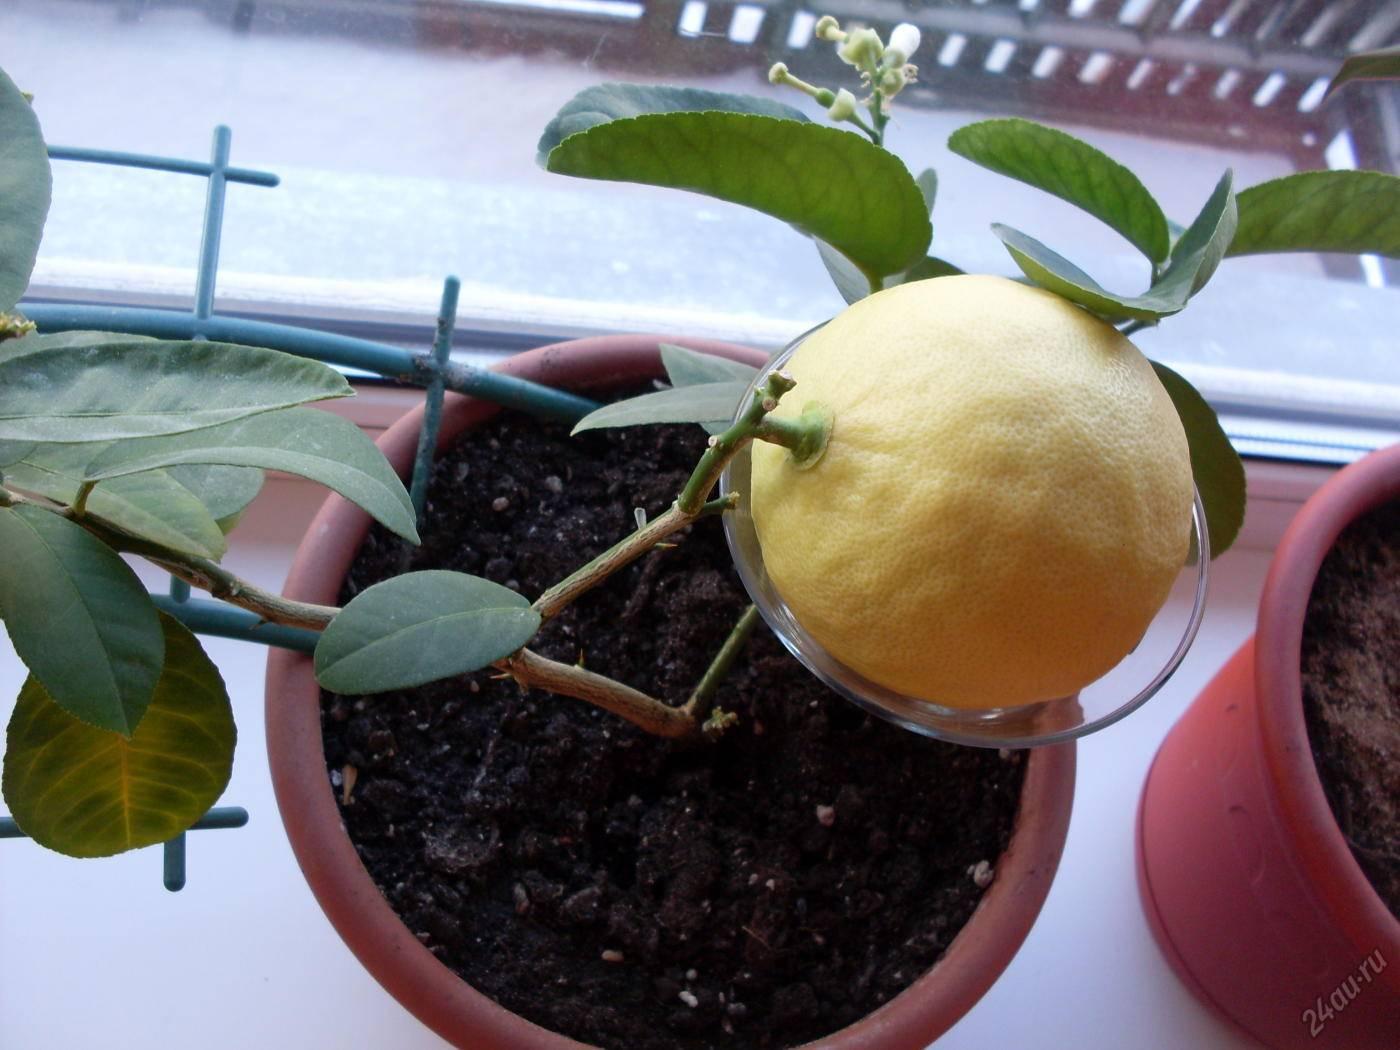 Комнатный лимон из косточки: секреты выращивания